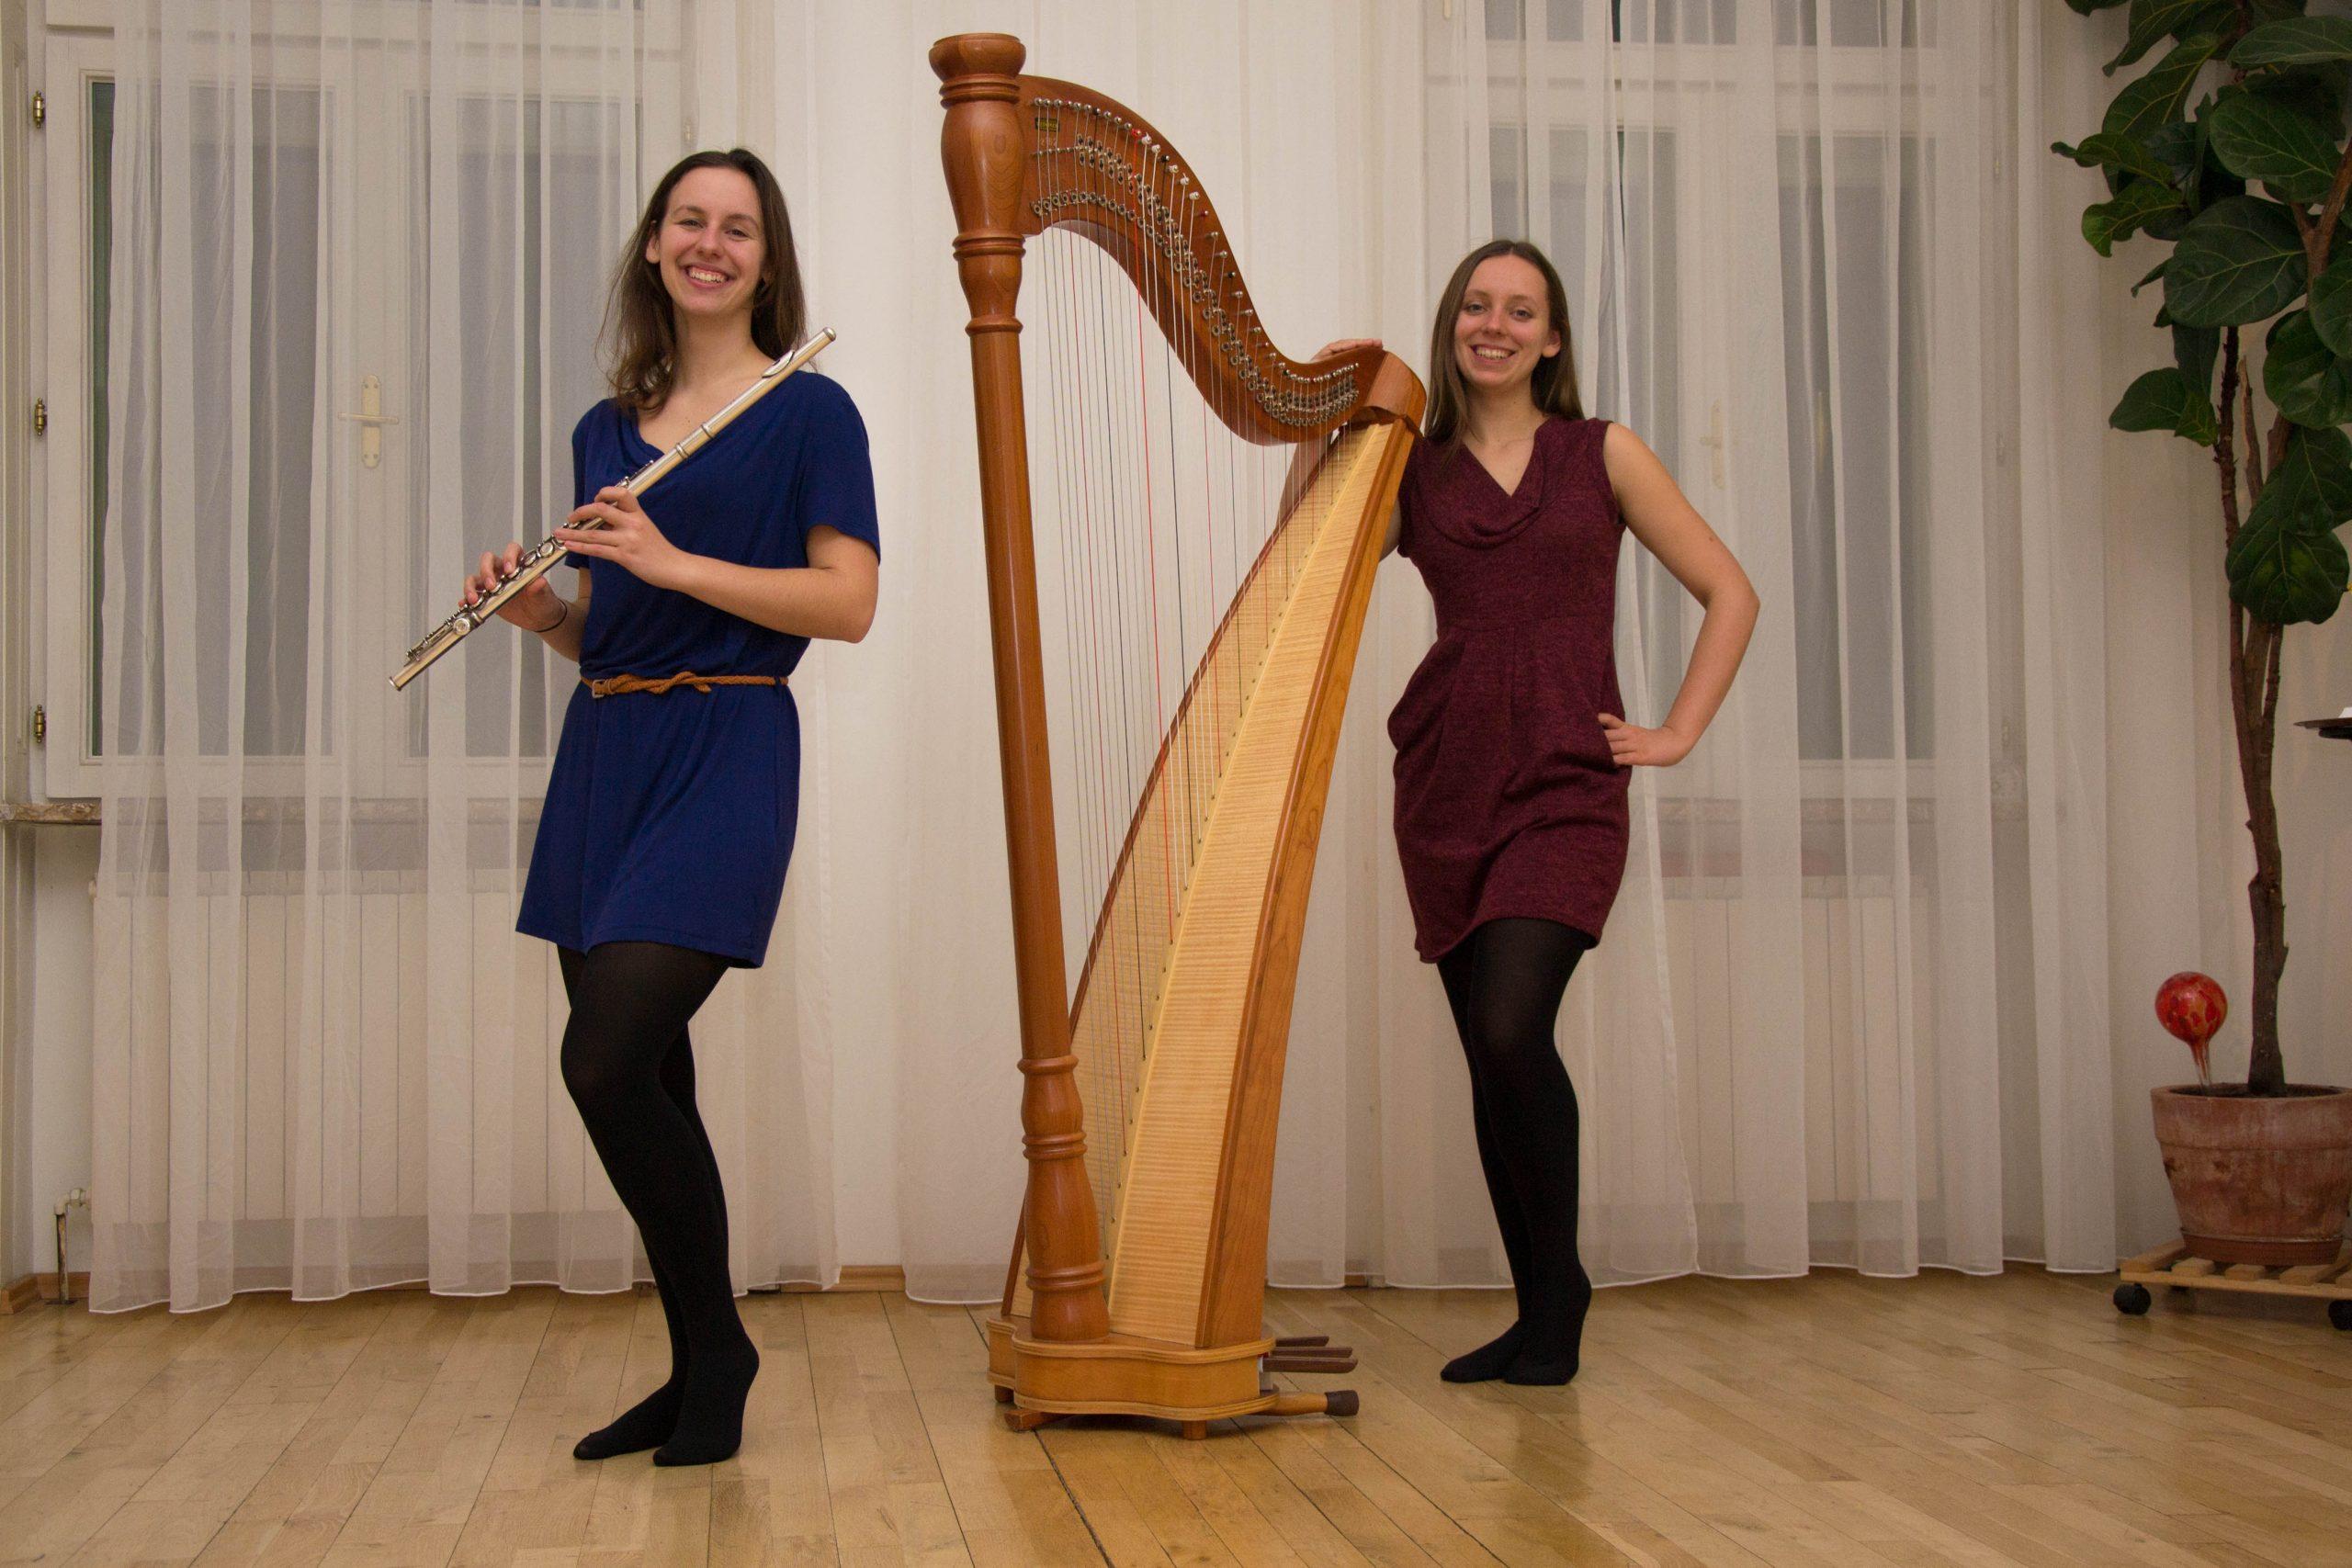 Theresa und Miriam stehen mit ihren Instrumenten